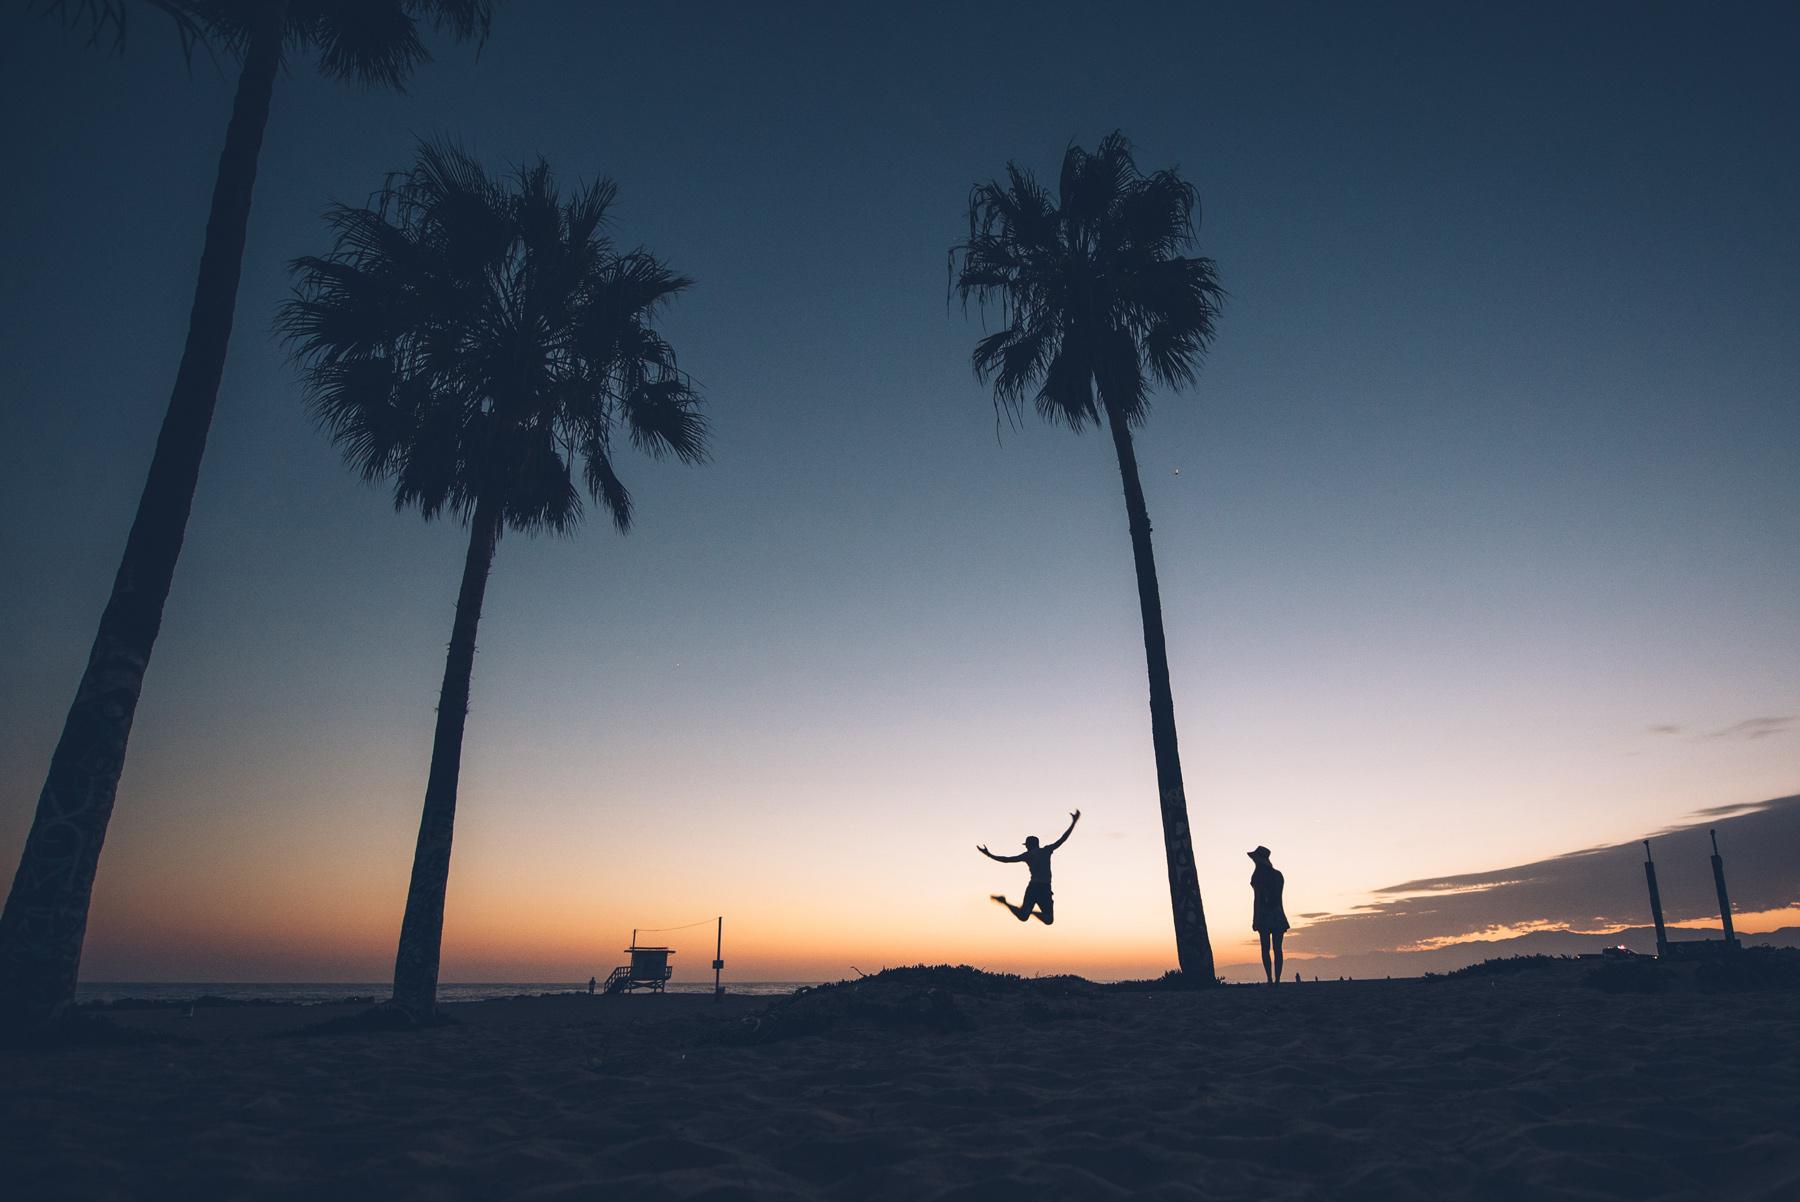 Los Angeles by Bestjobers